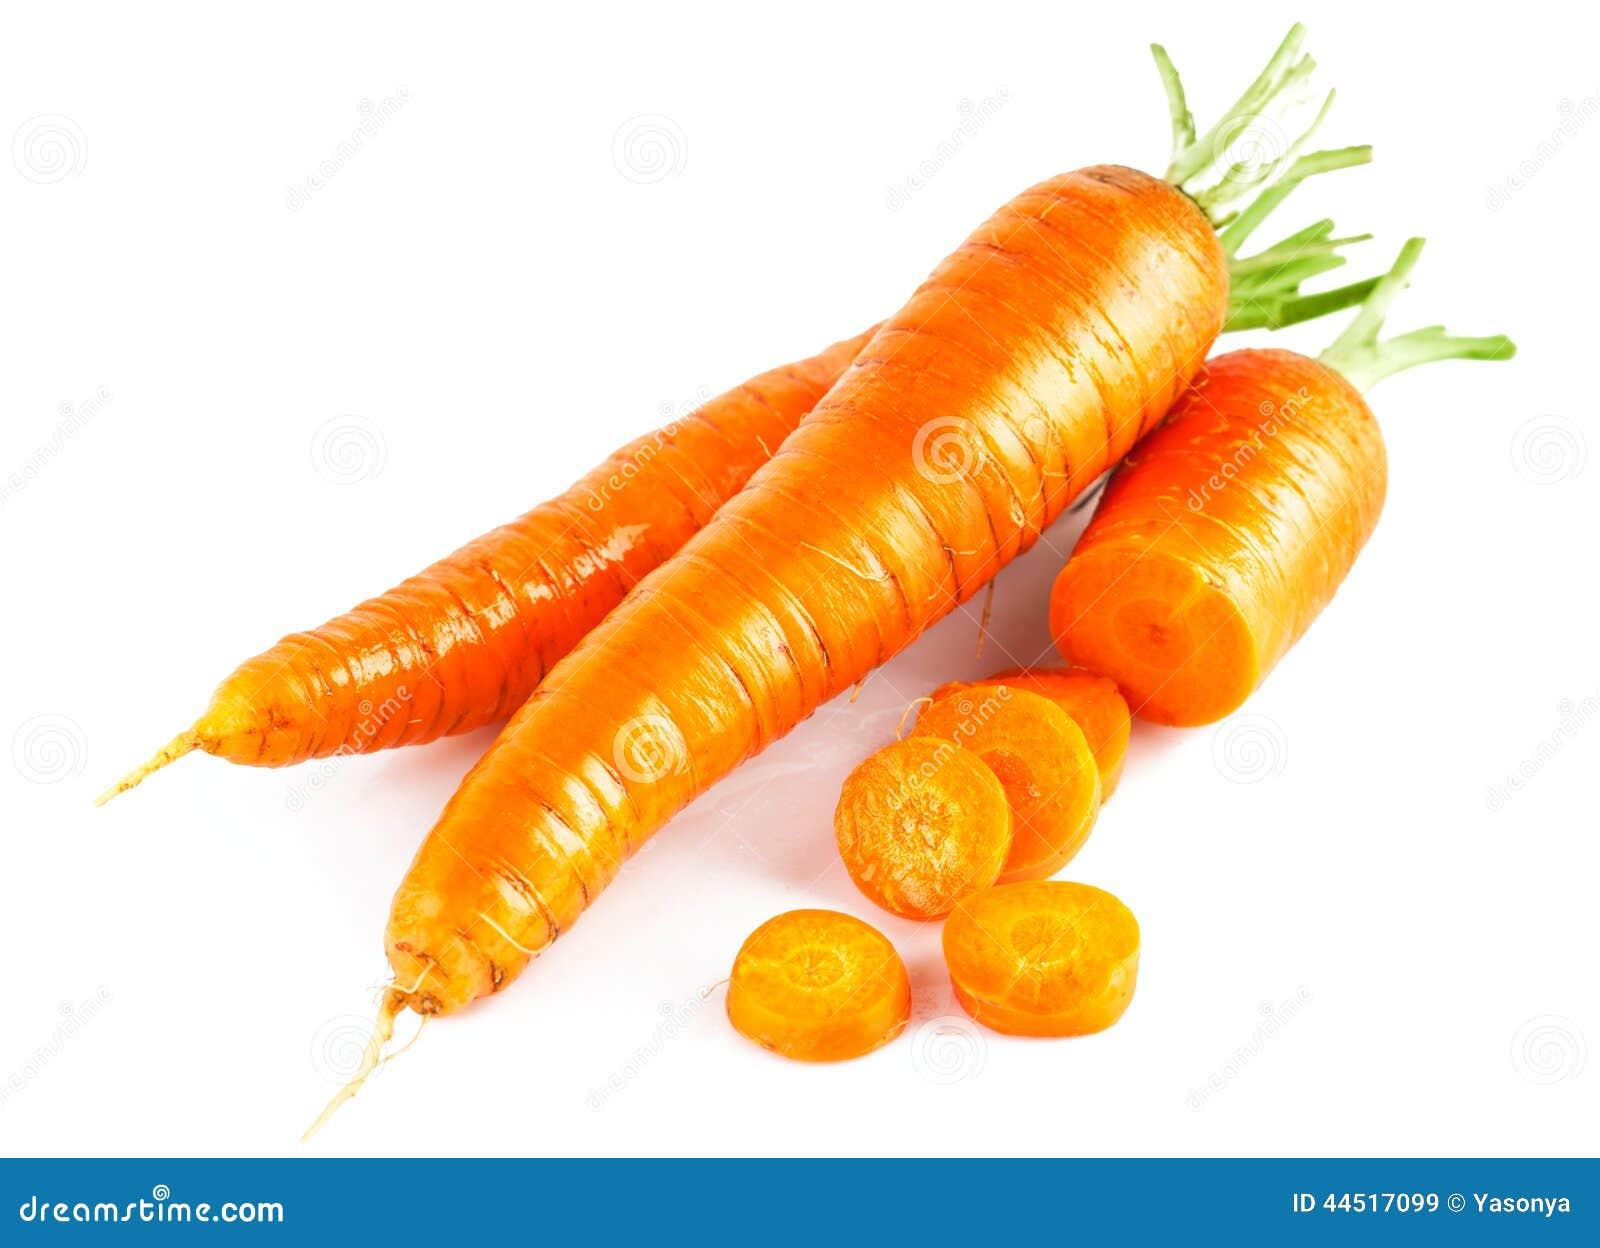 Zanahoria fresca en la sección